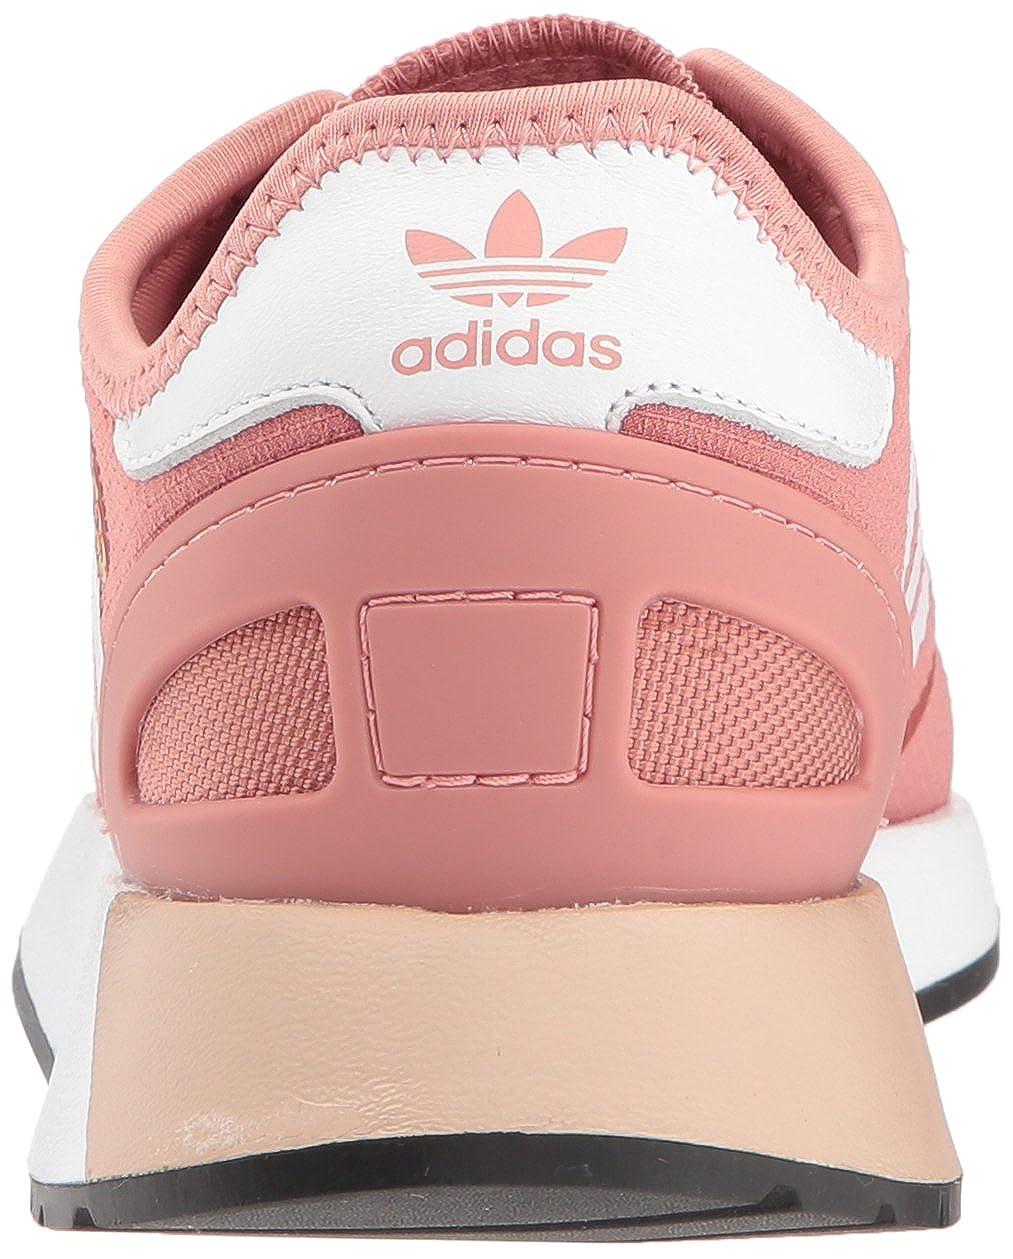 Adidas OriginalsAQ0265 OriginalsAQ0265 OriginalsAQ0265 - Iniki Runner CLS W Damen  2ce82c